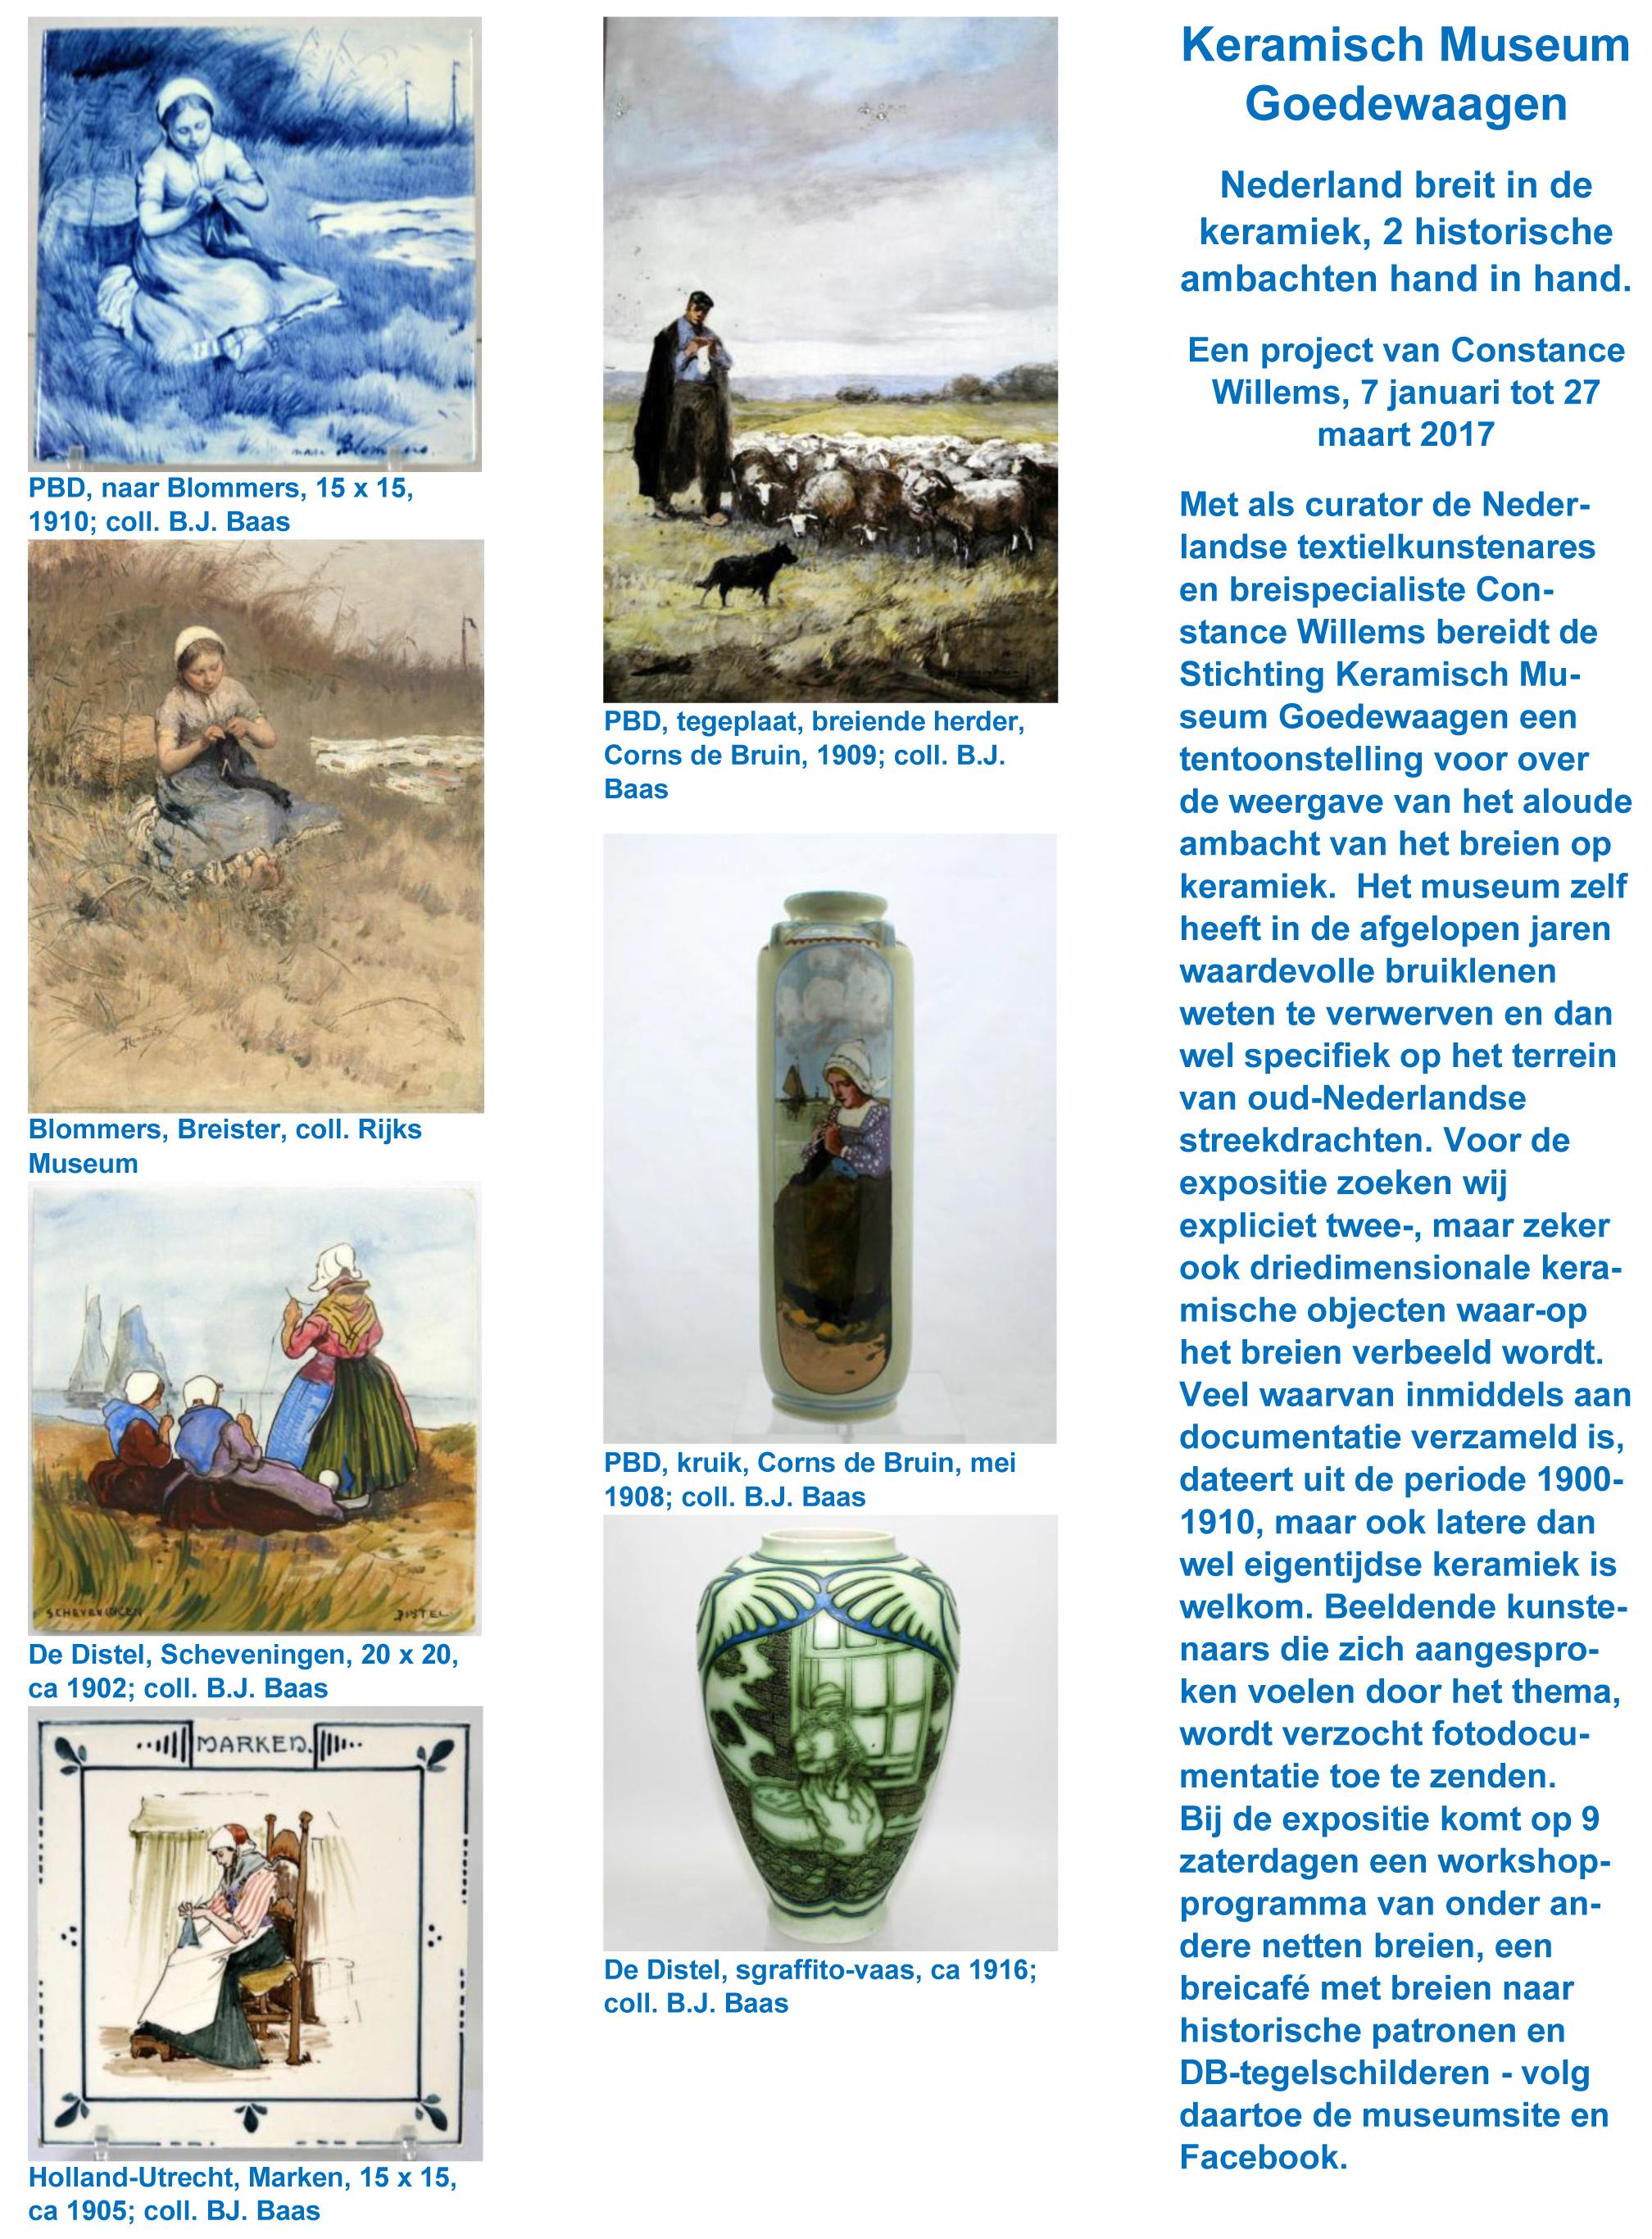 kmg_vooraankondiging_expositie_nederland-breit-in-keramiek_15aug16